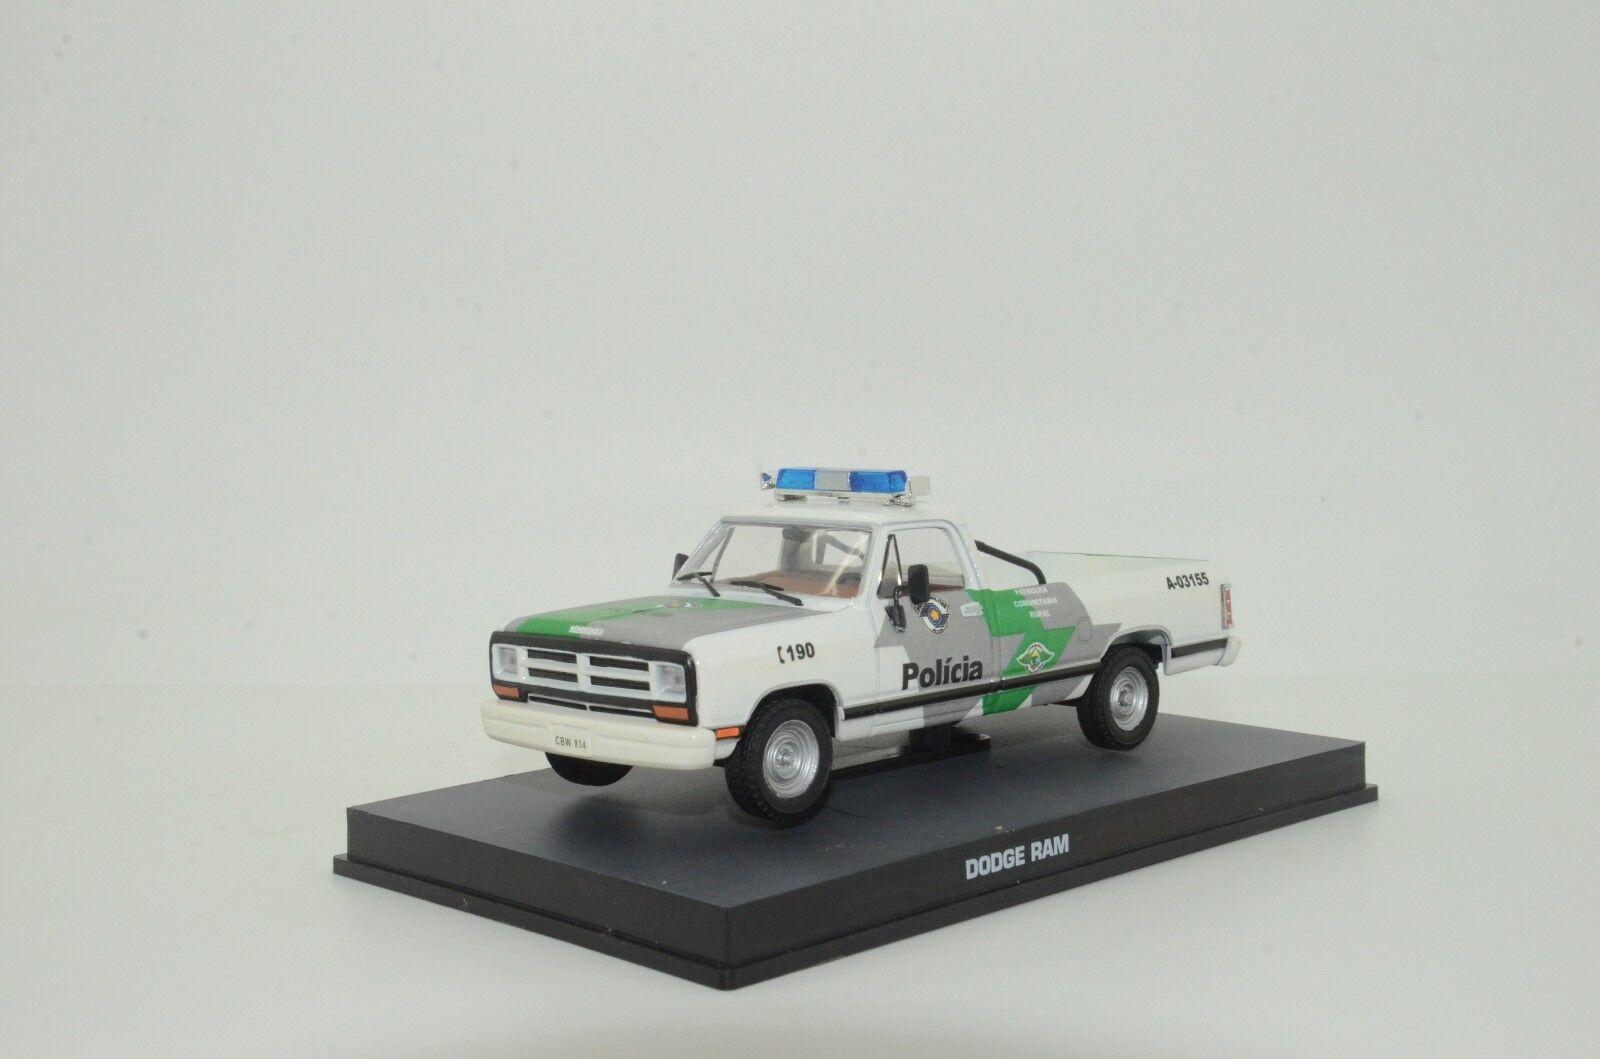 Rara Dodge Ram POLICIA policía militar de Brasil coche hecho a medida 1 43